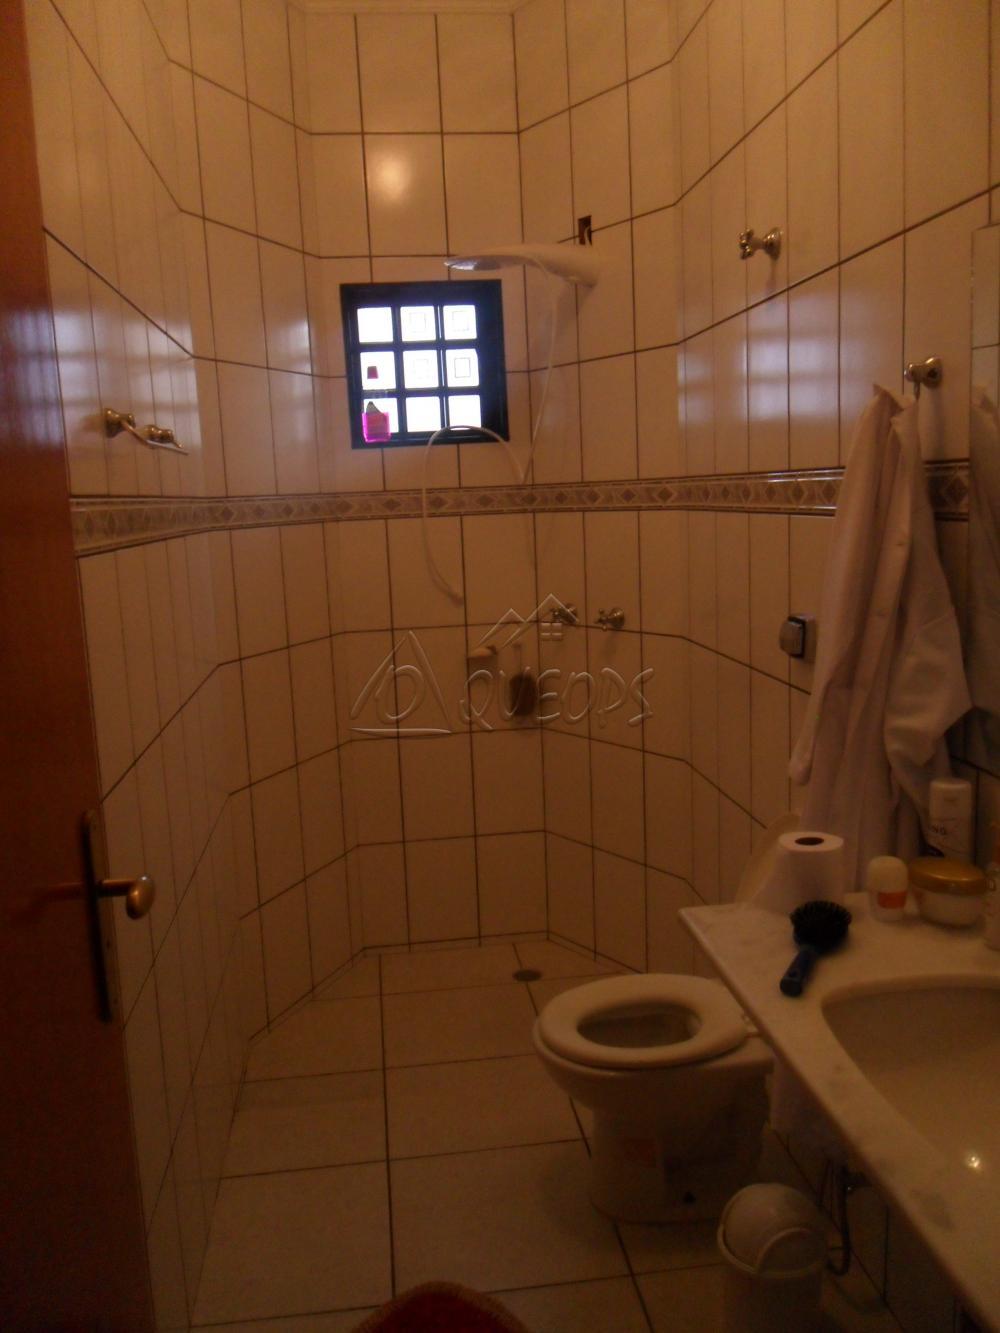 Comprar Casa / Padrão em Barretos R$ 260.000,00 - Foto 8